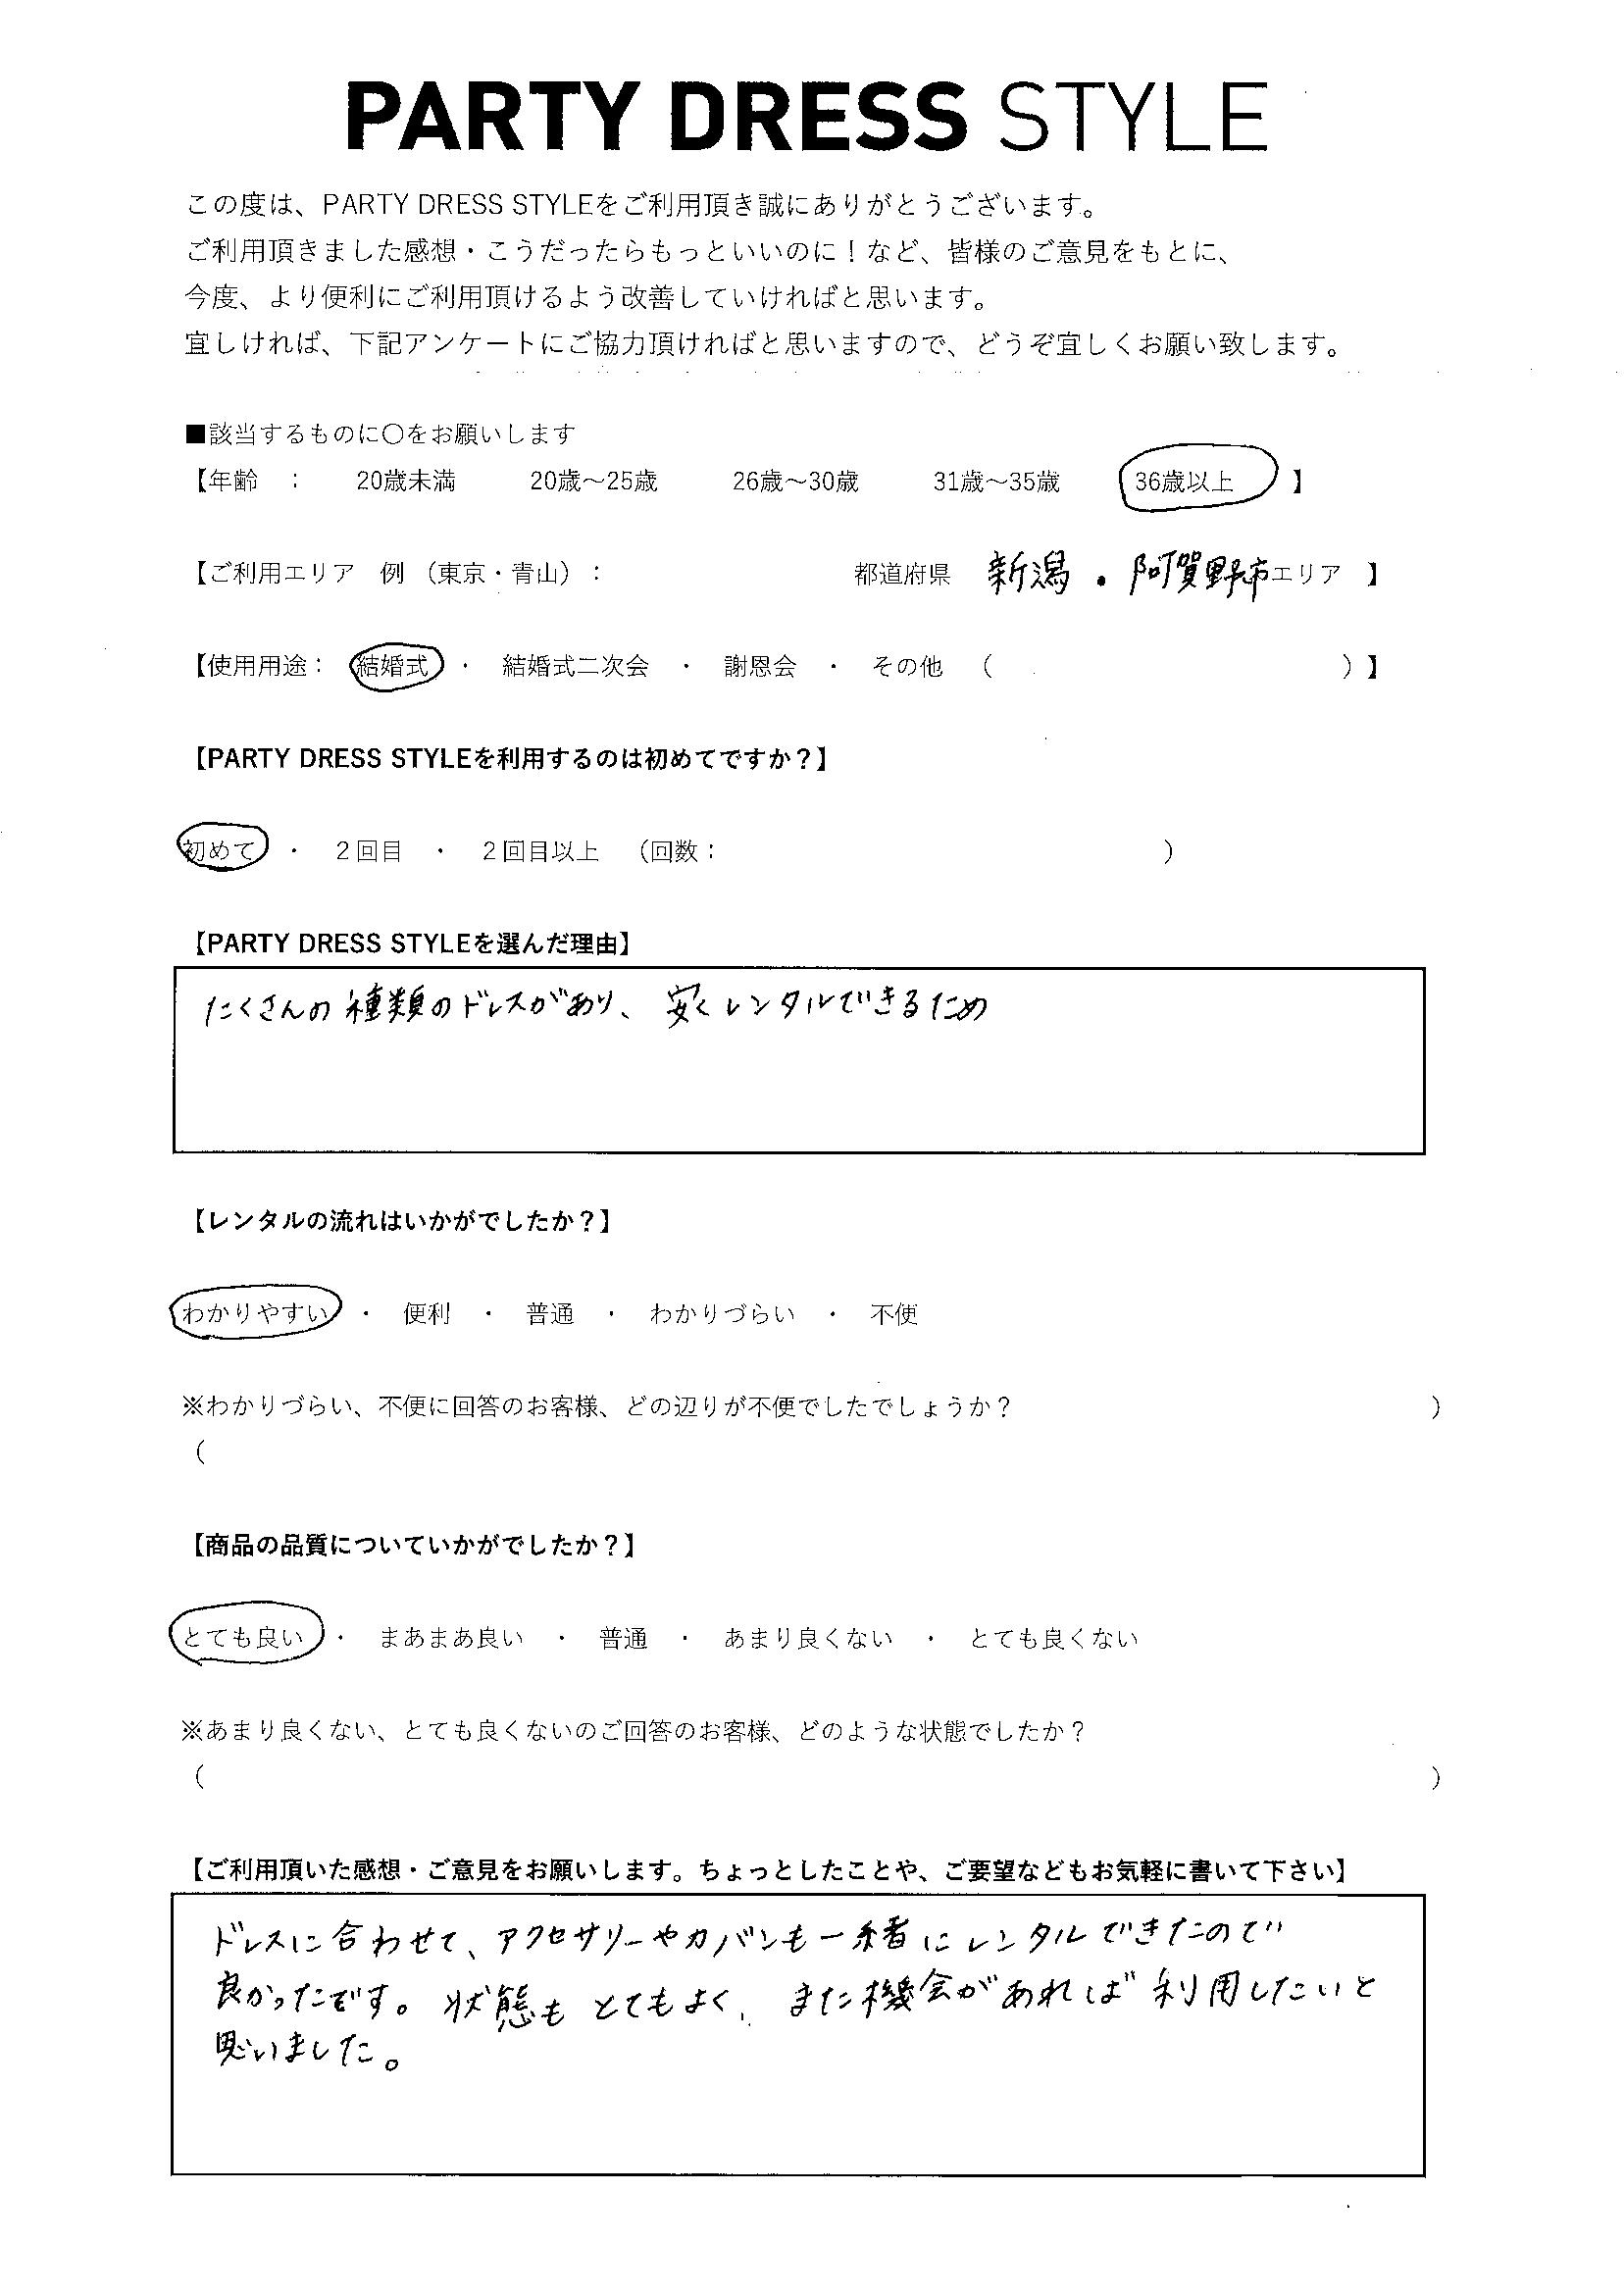 8/1結婚式ご利用 新潟・阿賀野市エリア